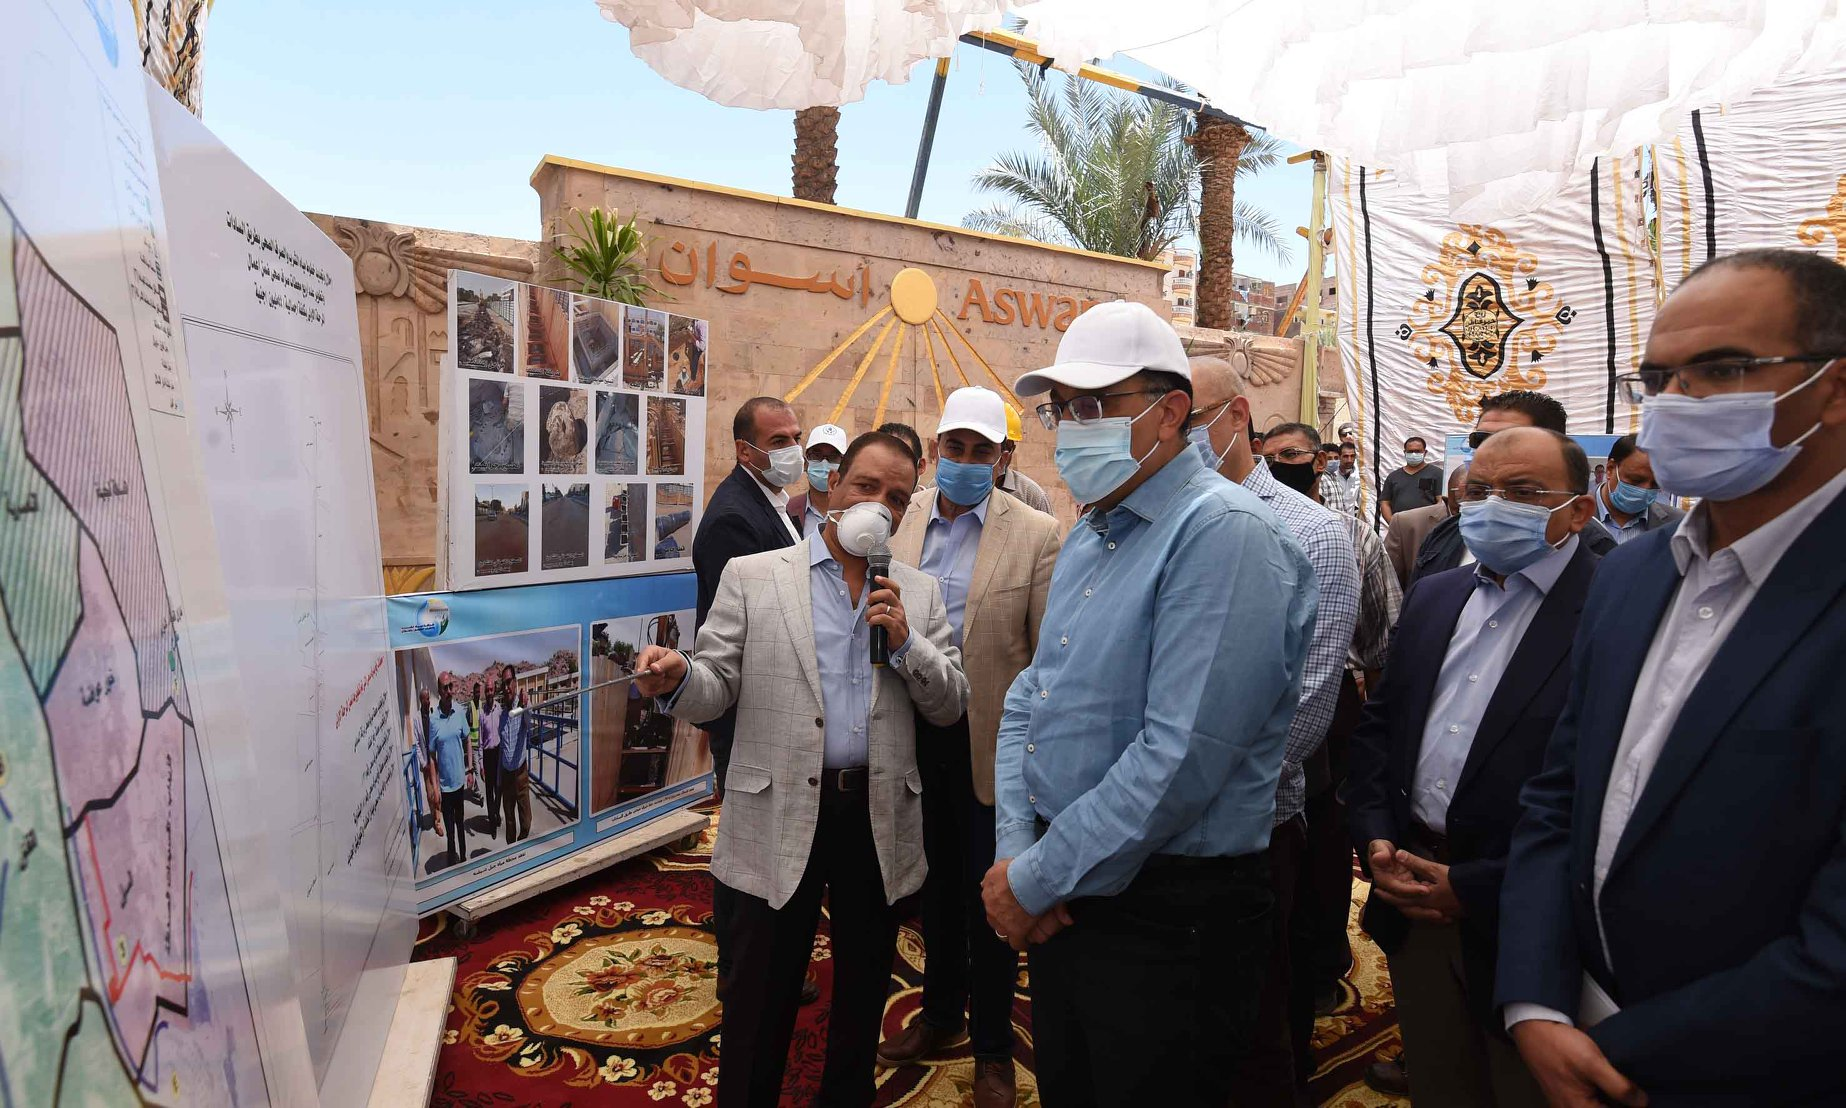 صور | مدبولي يتفقد أعمال مشروع إحلال وتجديد البنية التحتية بطريق السادات في أسوان